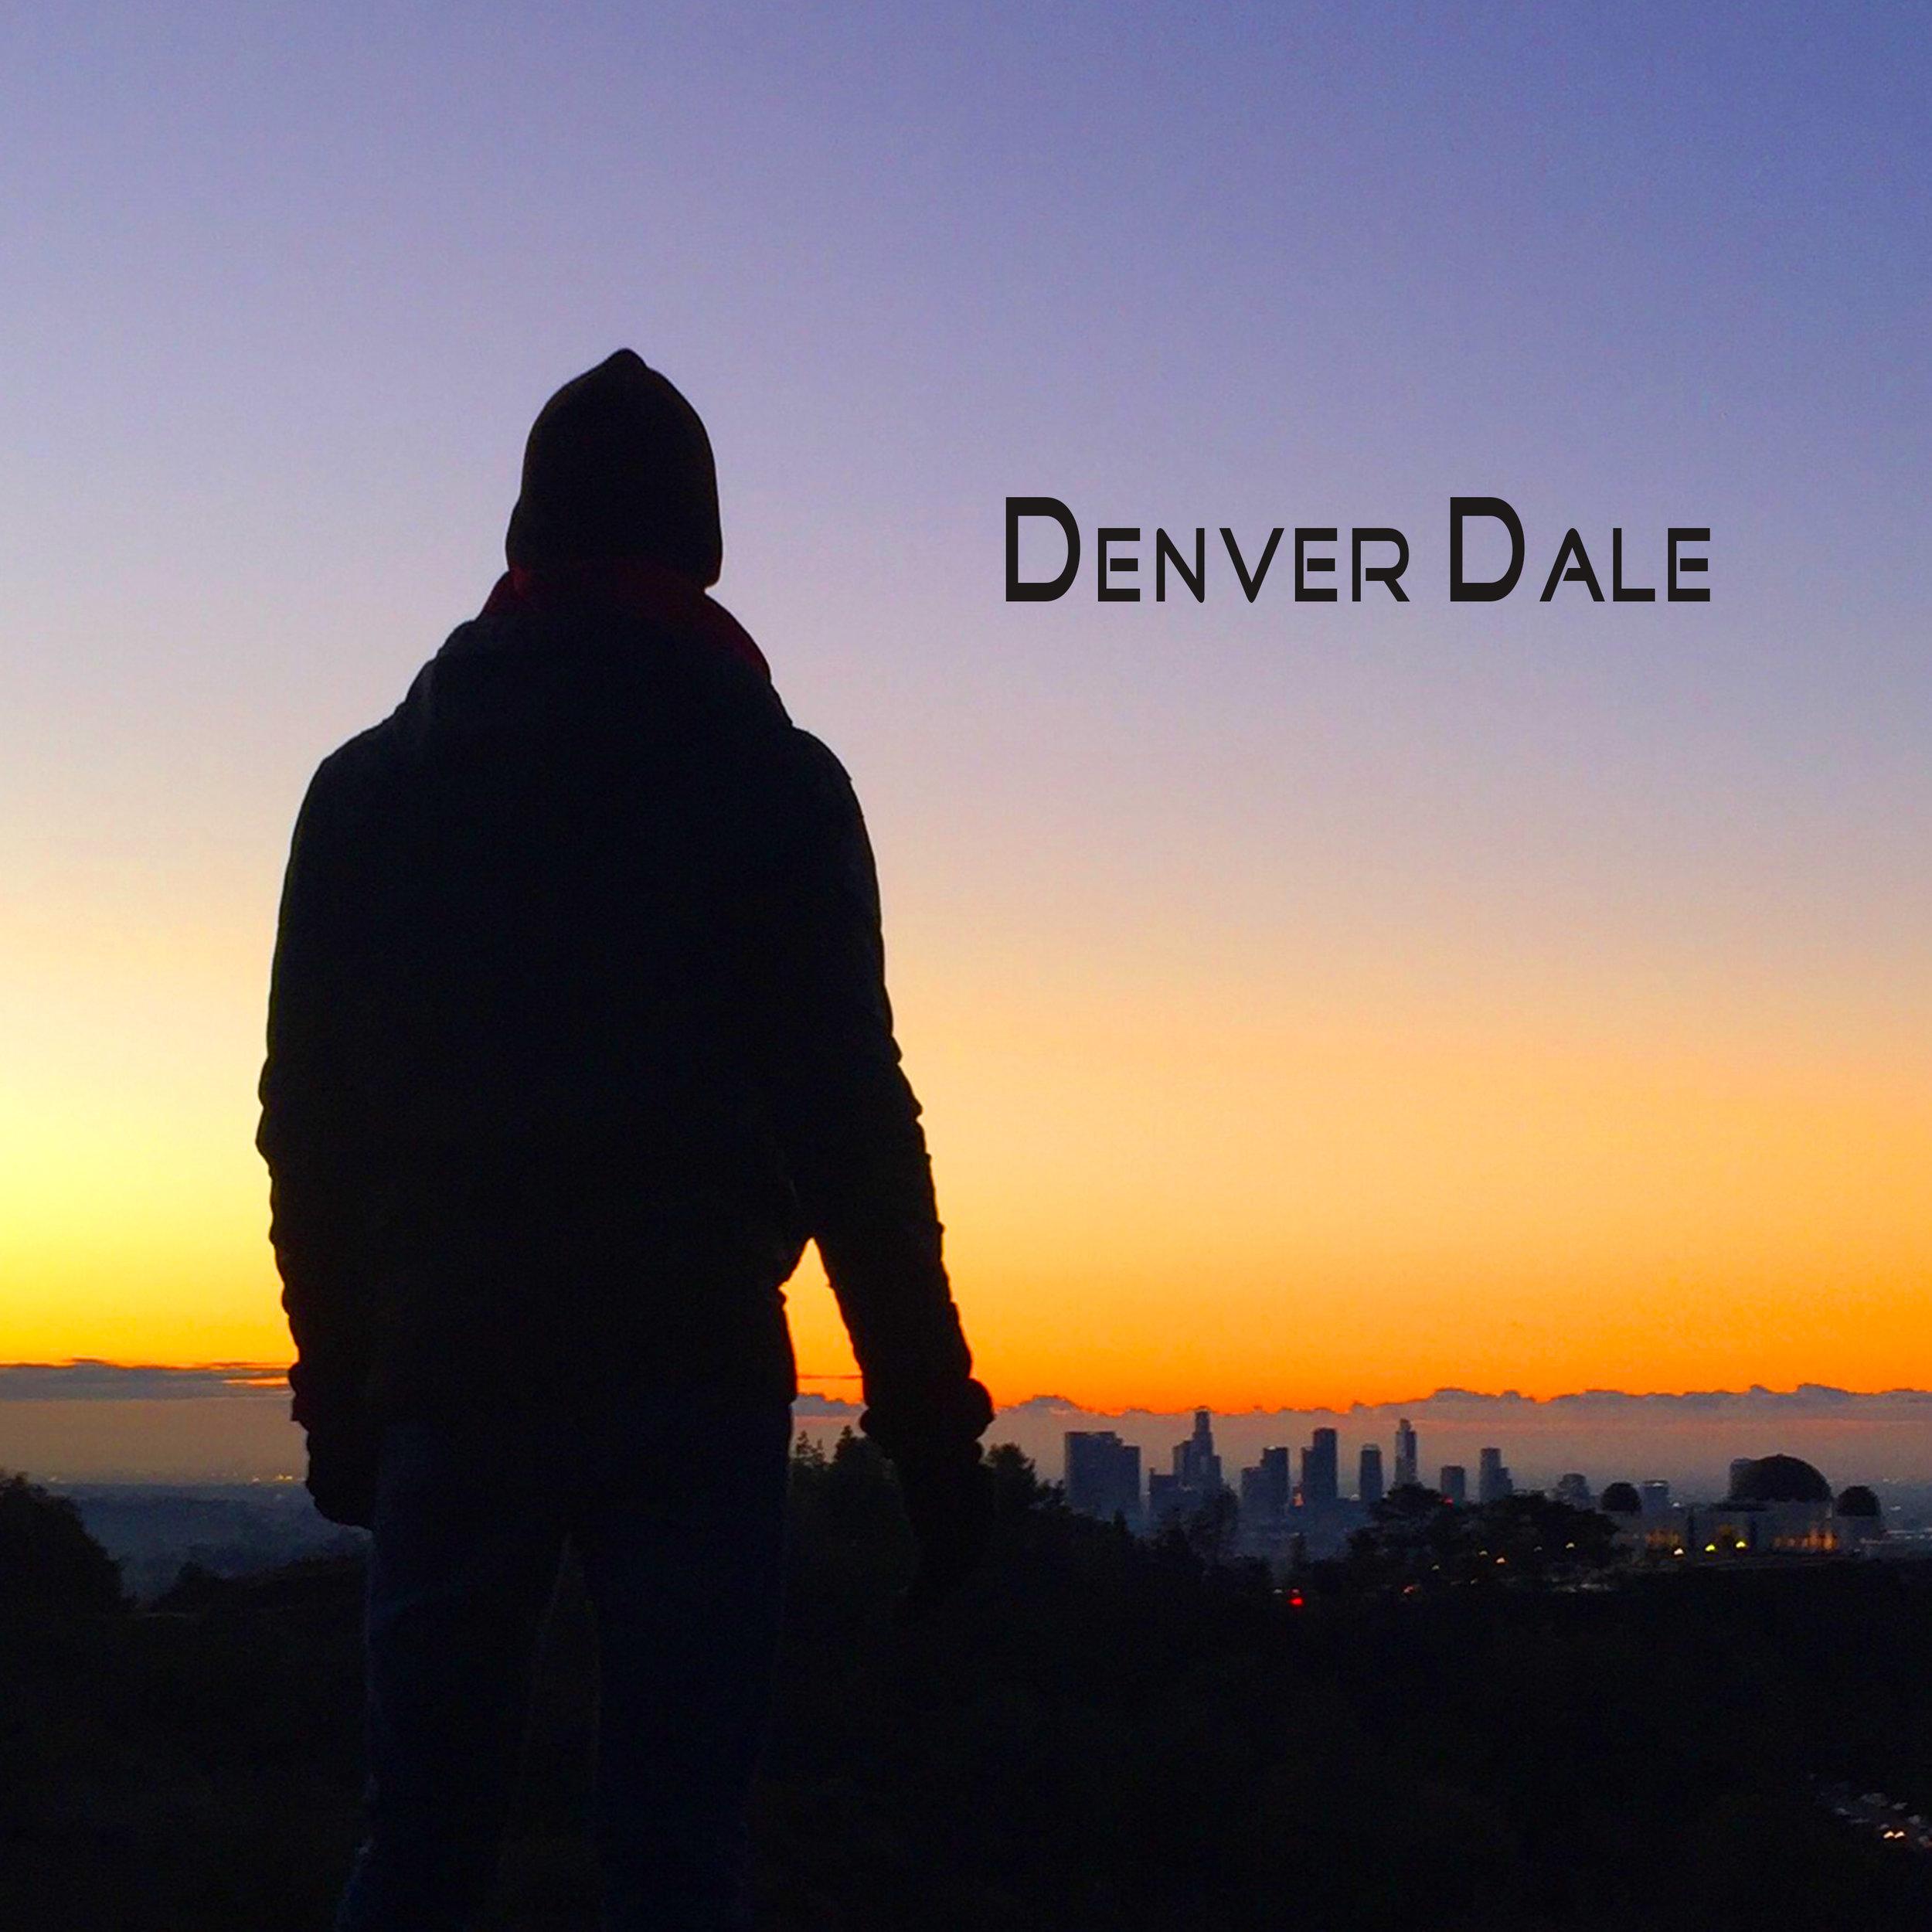 Denver Dale.jpg